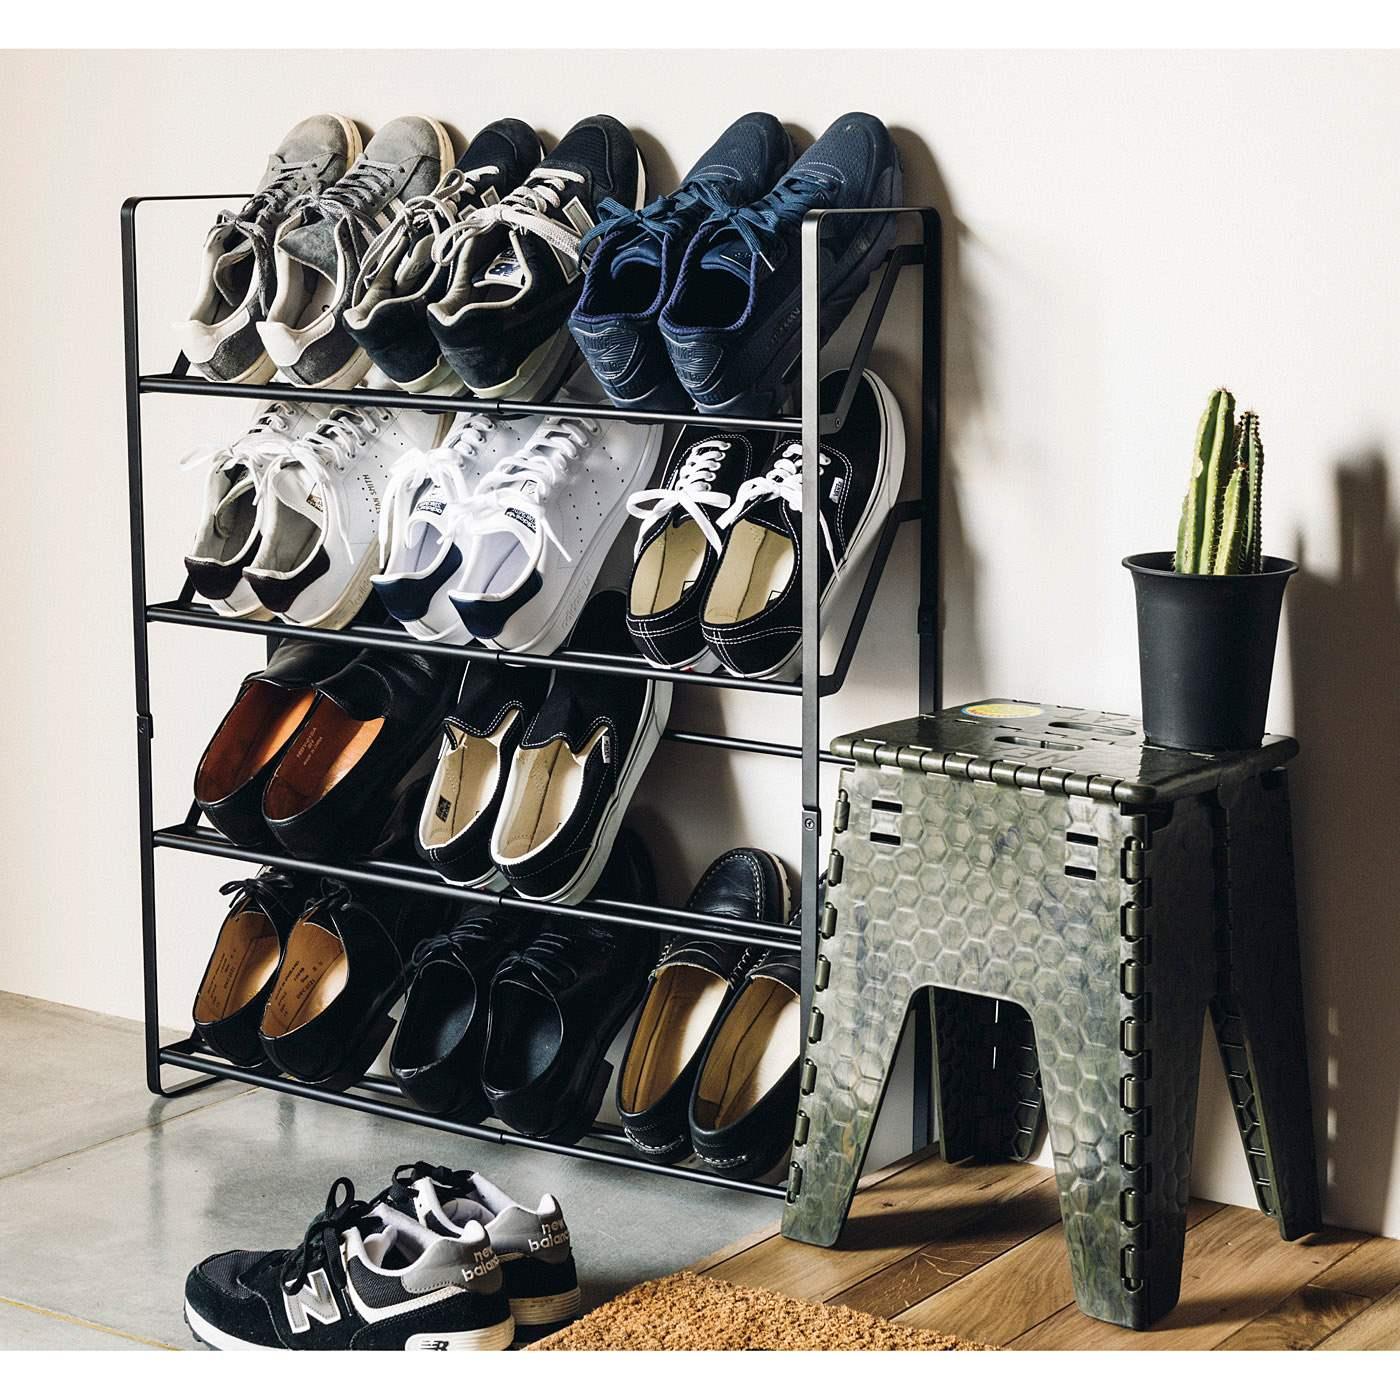 スニーカーのコレクションをディスプレイ。